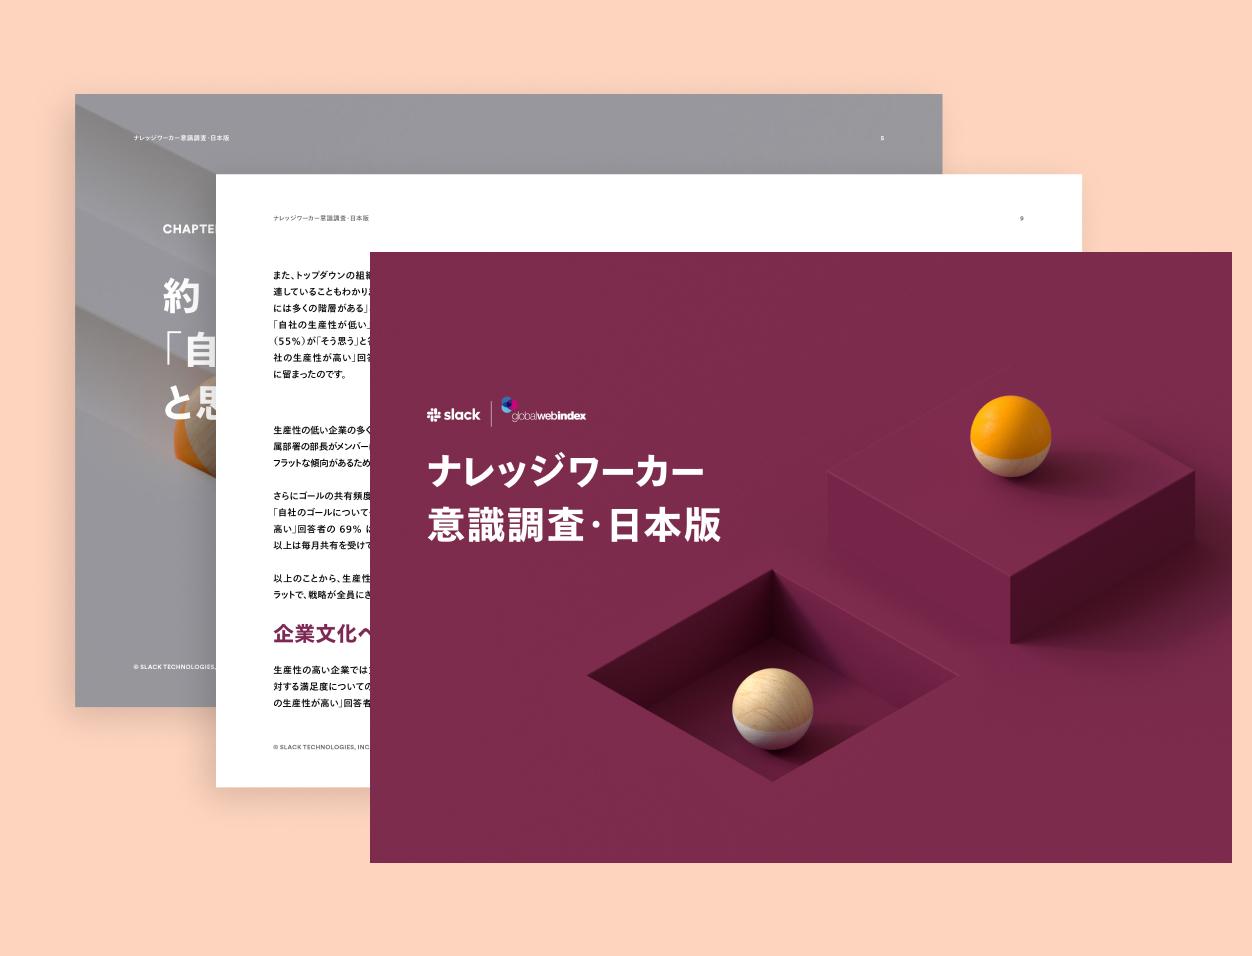 ナレッジワーカー意識調査・日本版